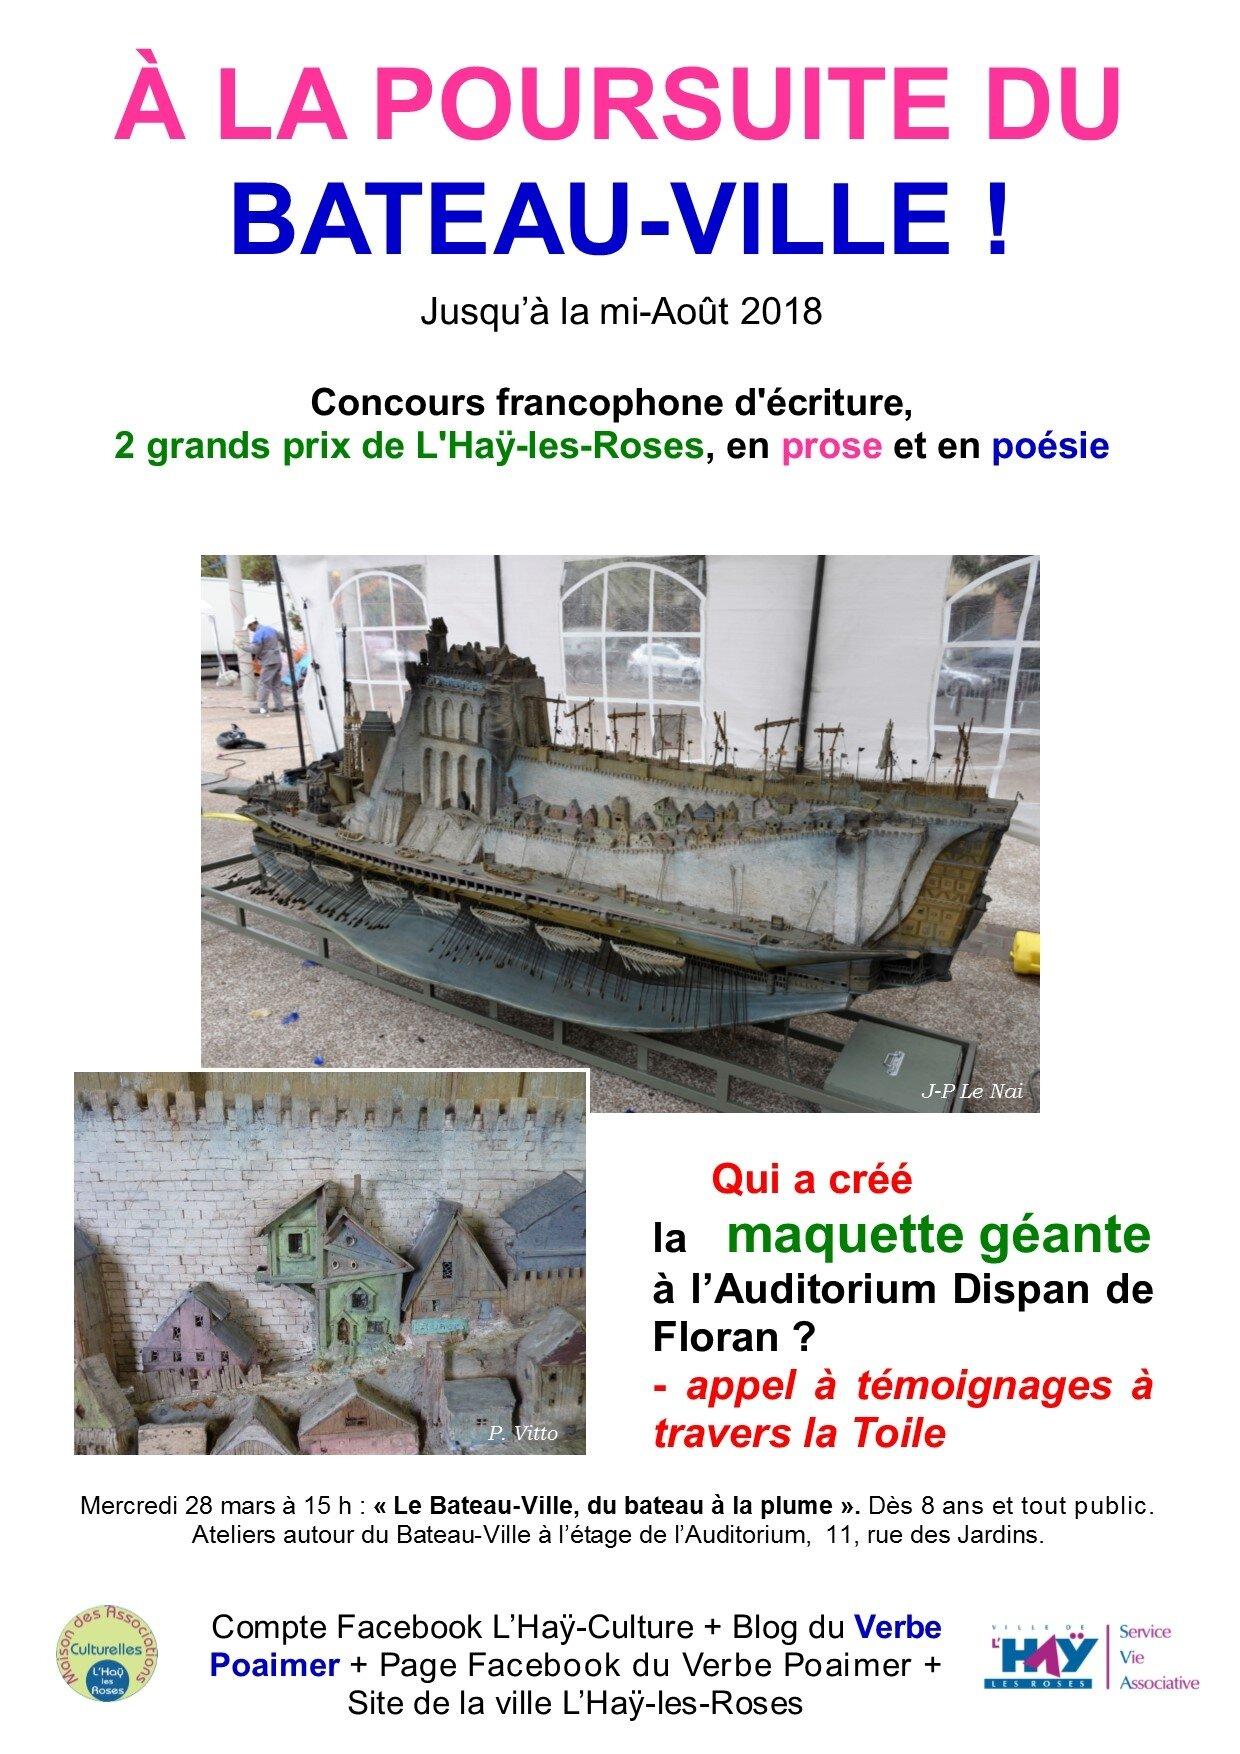 Qui a créé le Bateau-Ville ? avis de recherche, A la Poursuite du Bateau-Ville, concours proses et poèmes 2018